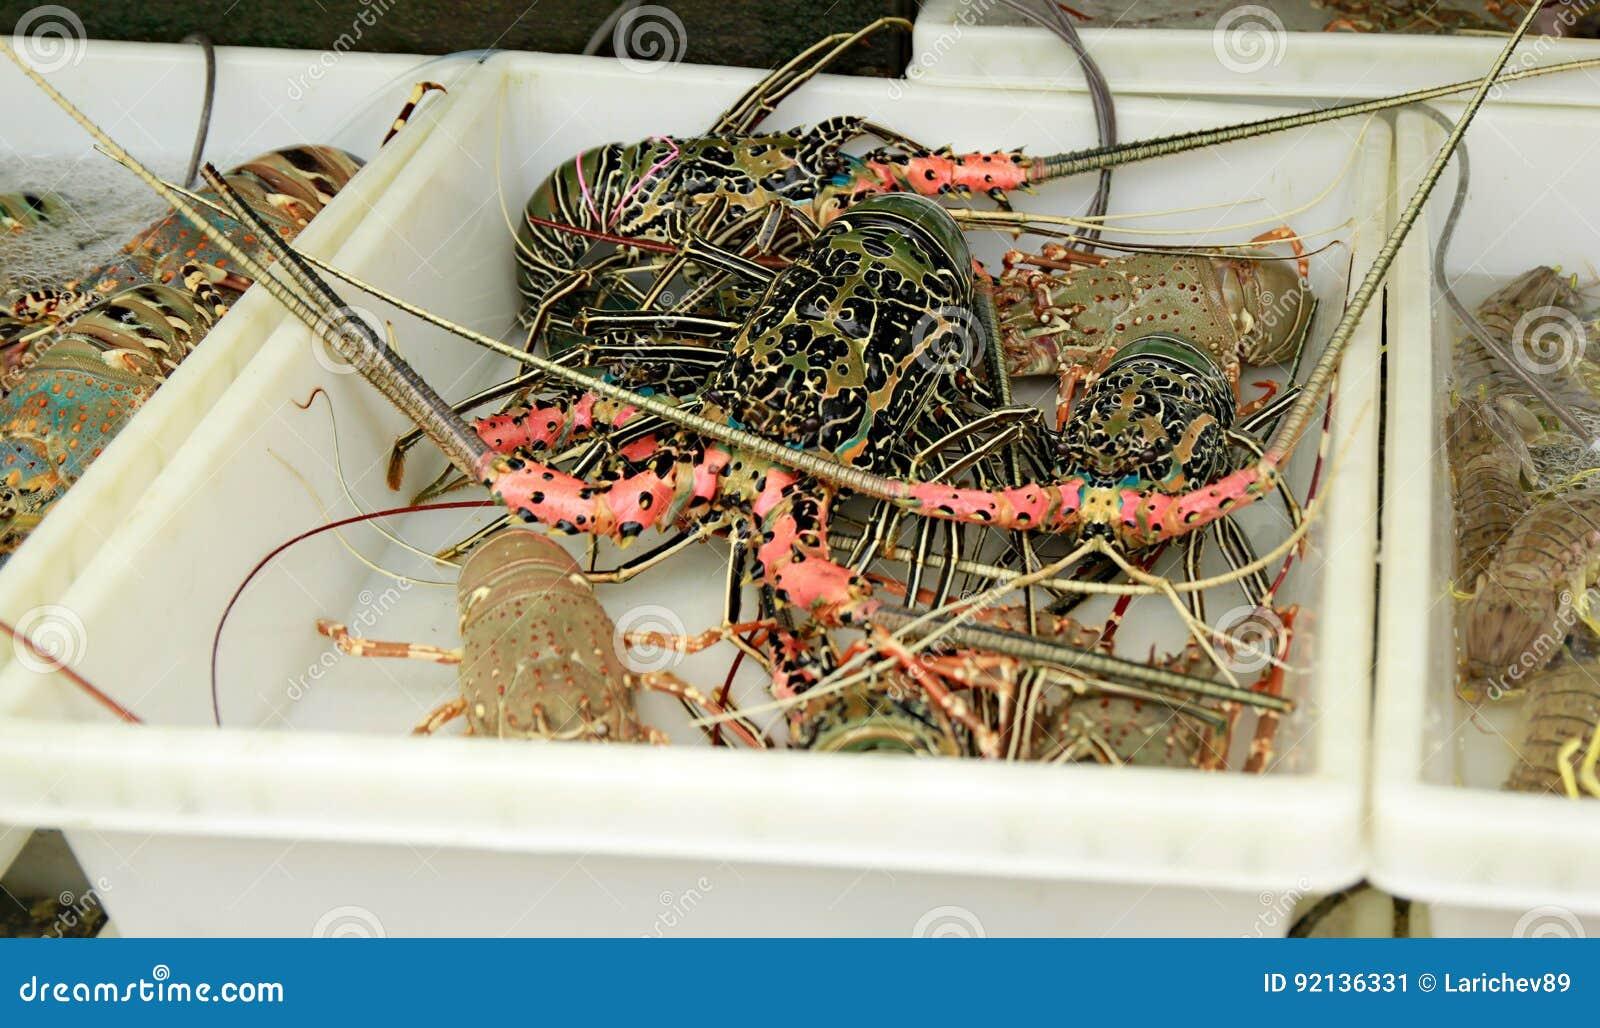 Live Lobsters no mercado de peixes Marisco